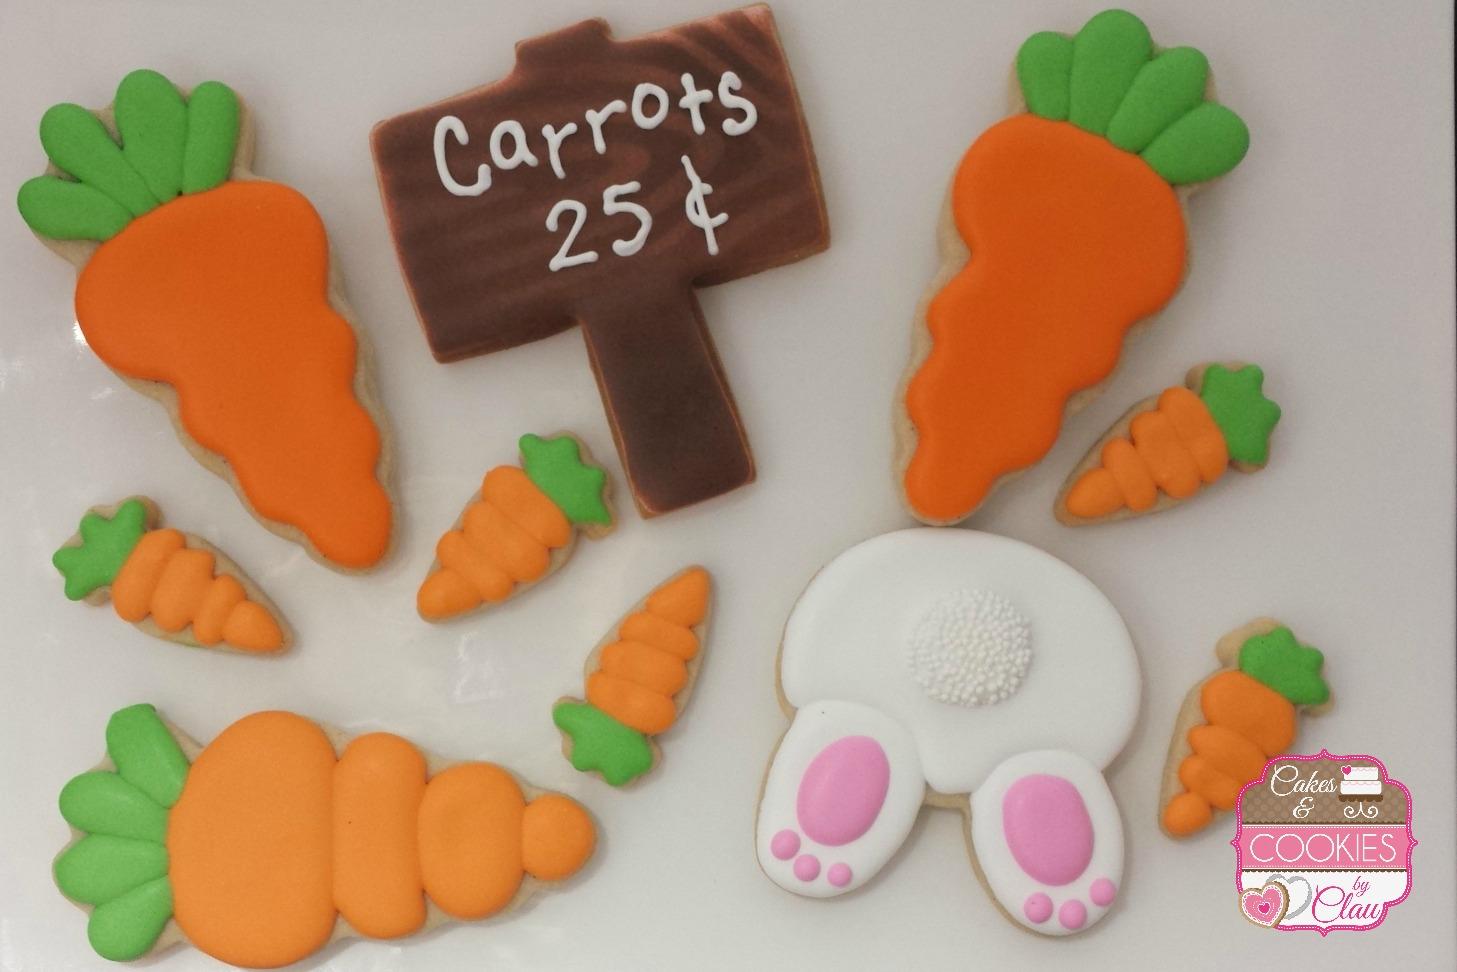 Carrot Set.jpg